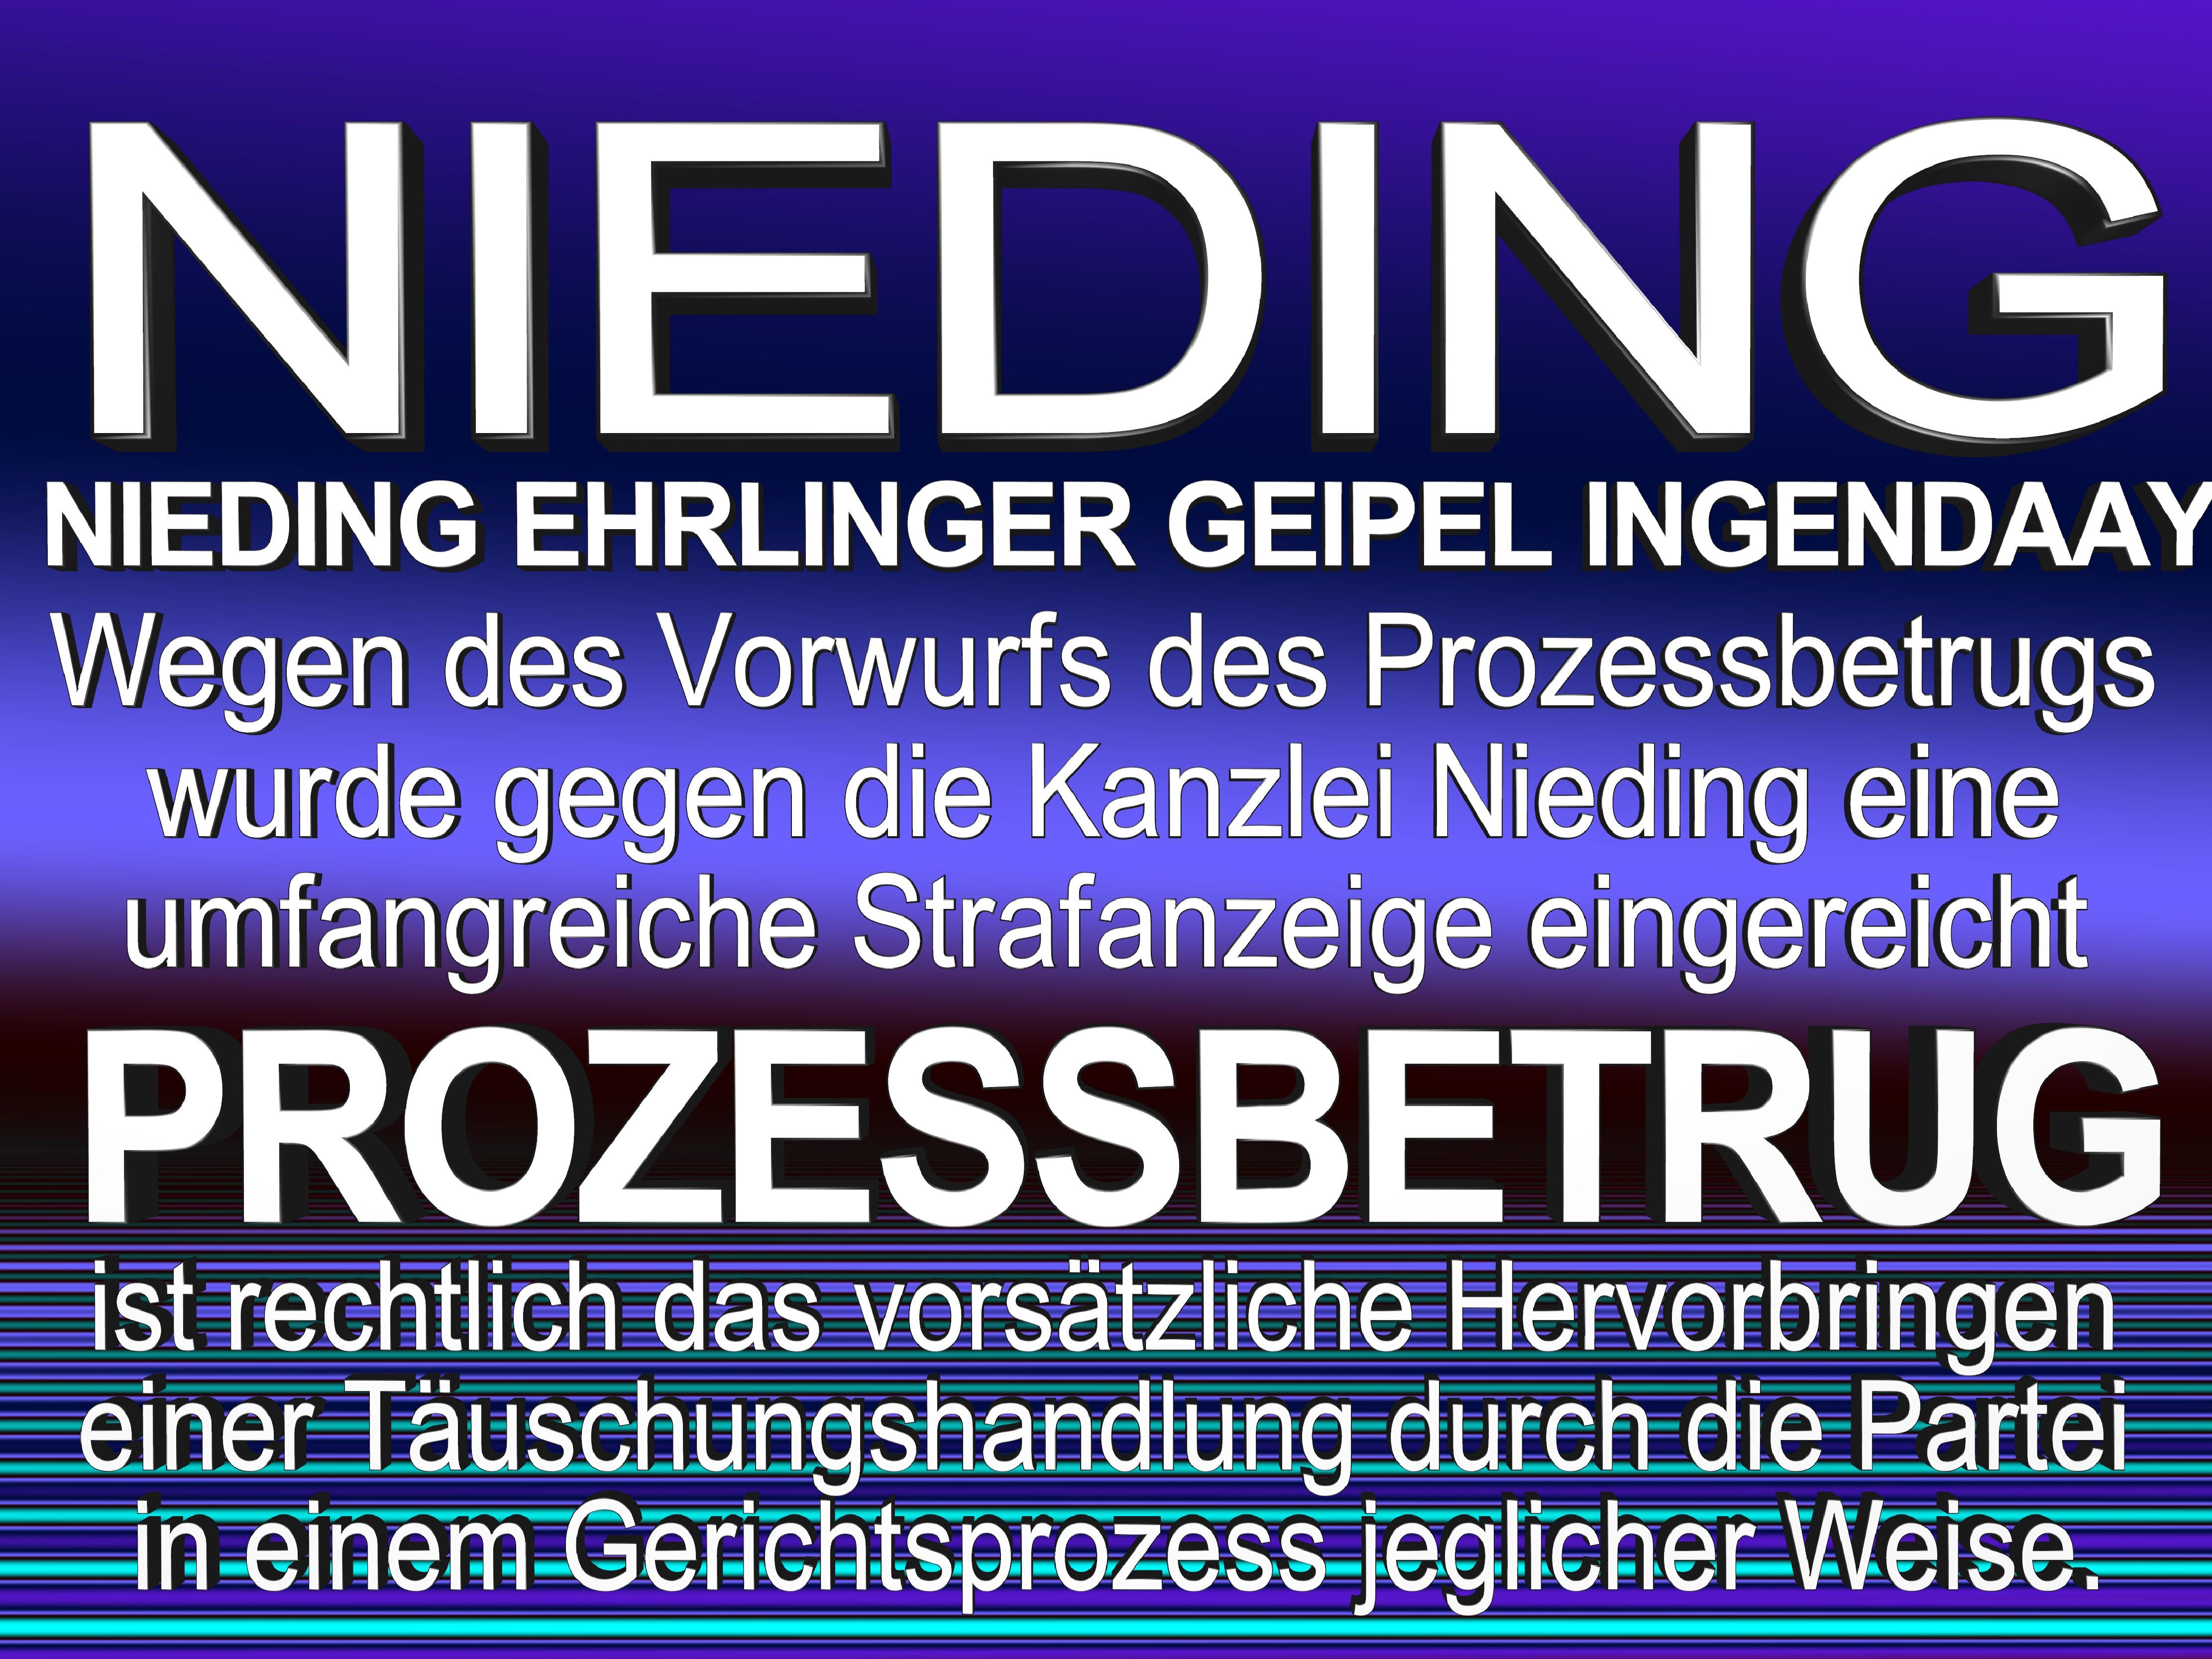 NIEDING EHRLINGER GEIPEL INGENDAAY LELKE Kurfürstendamm 66 Berlin (50)